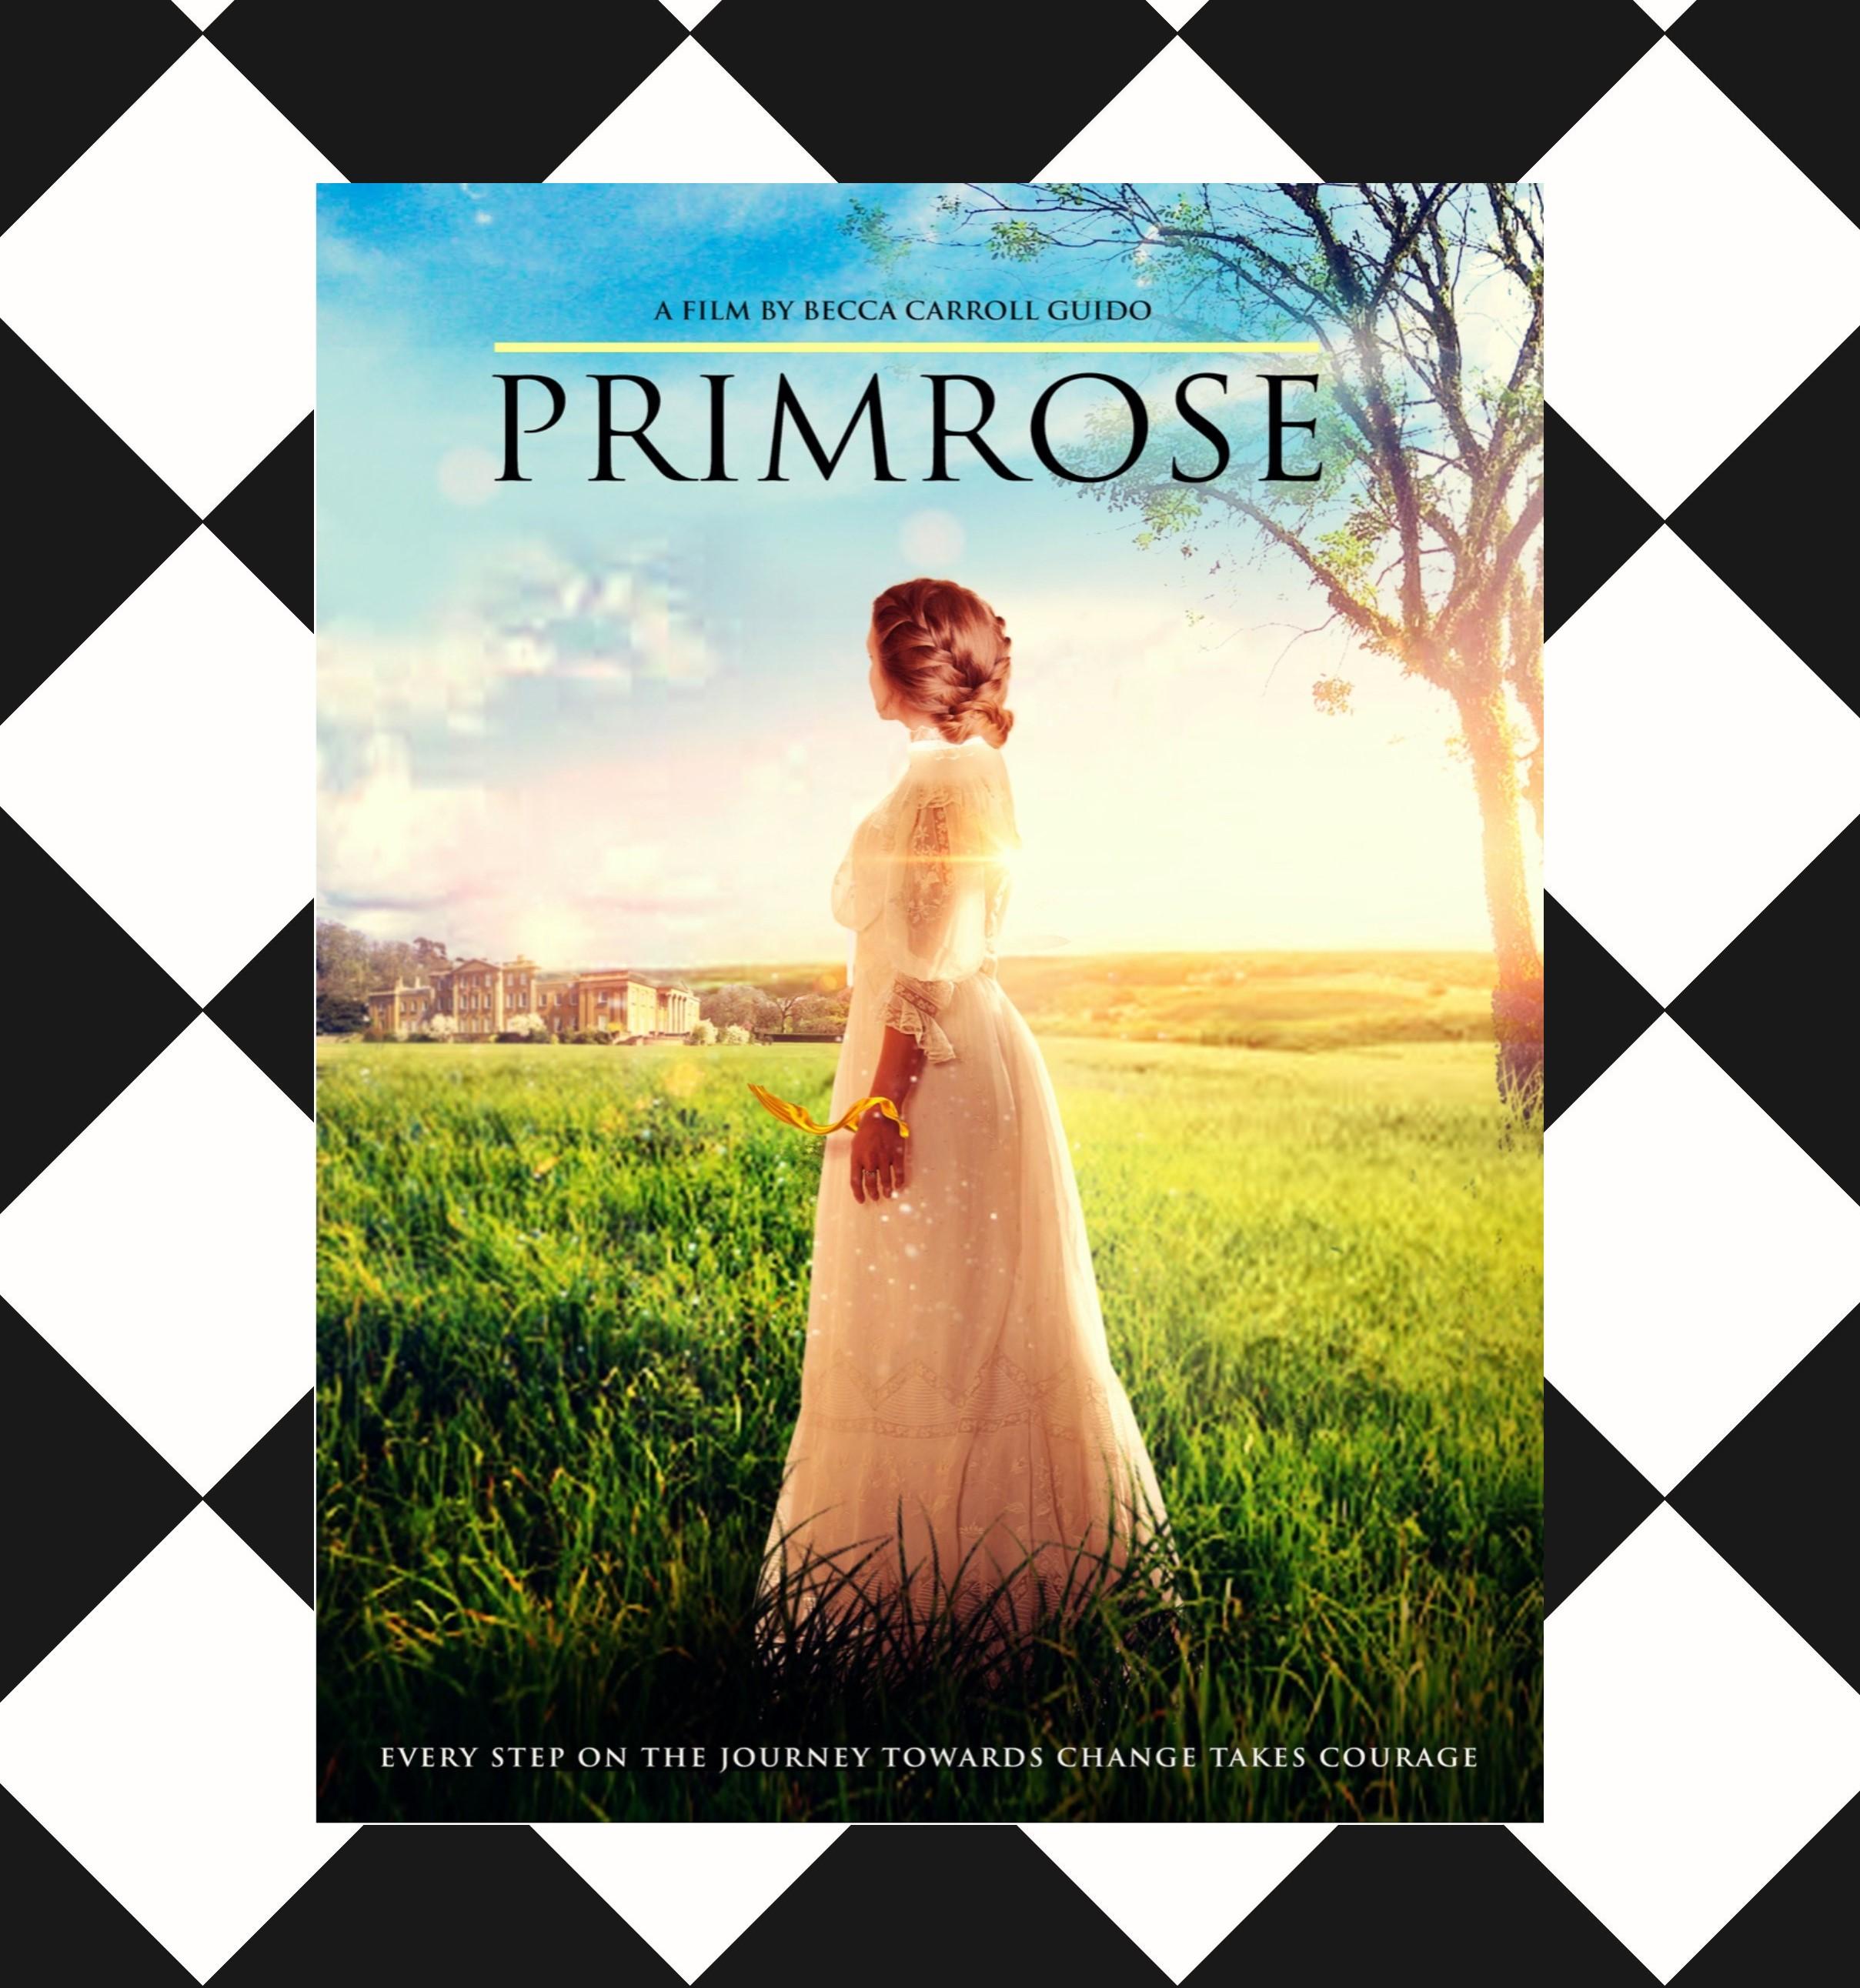 Primrose poster CheckPattern square